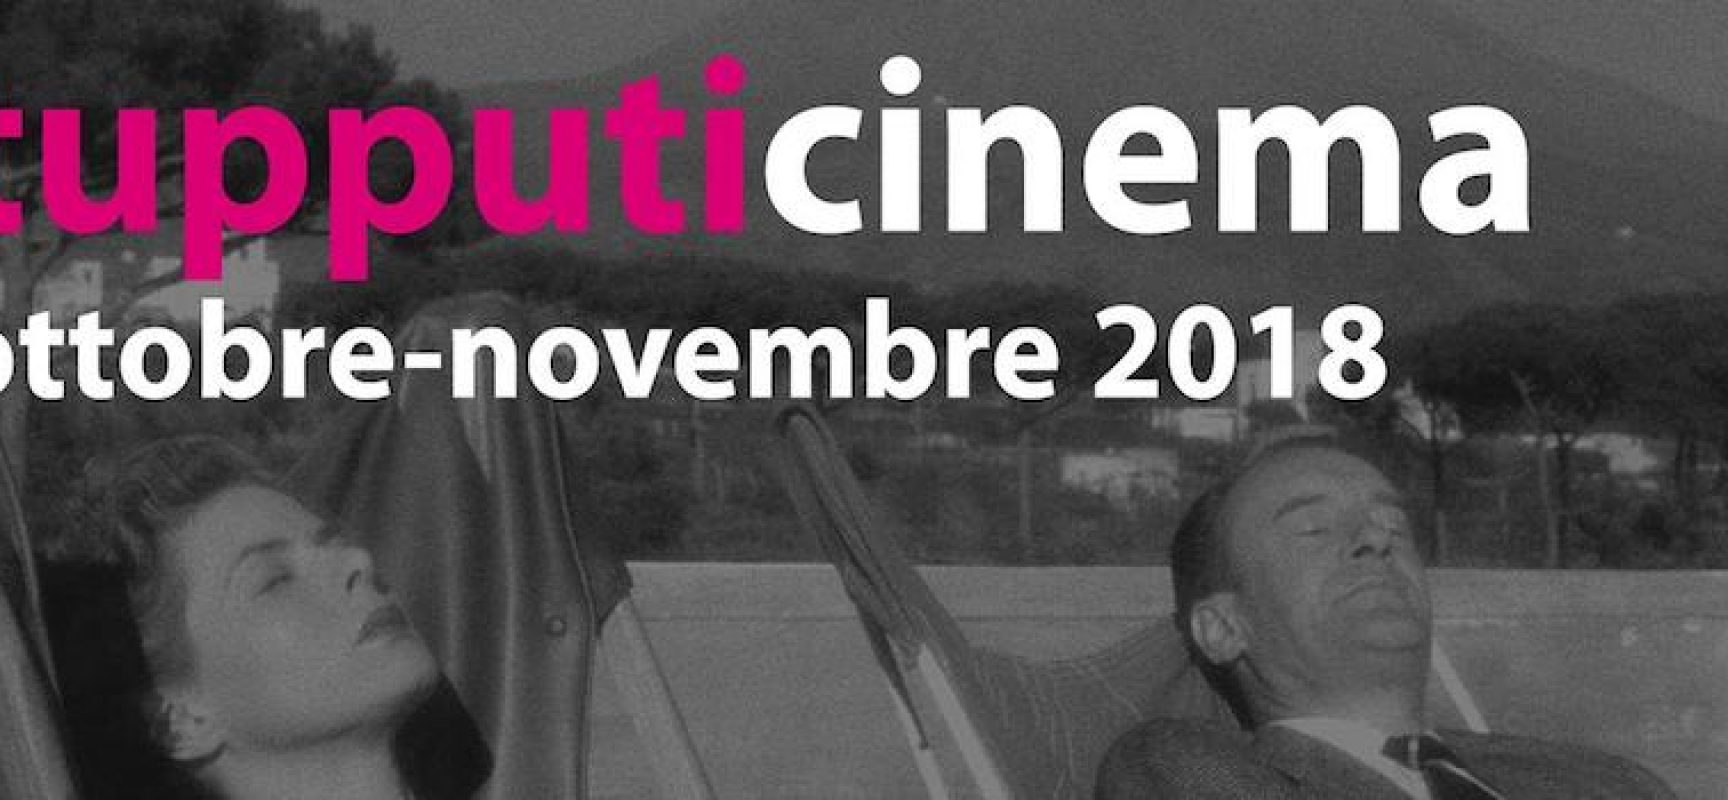 Ricomincia la rassegna Tupputi Cinema: i film di ottobre e novembre